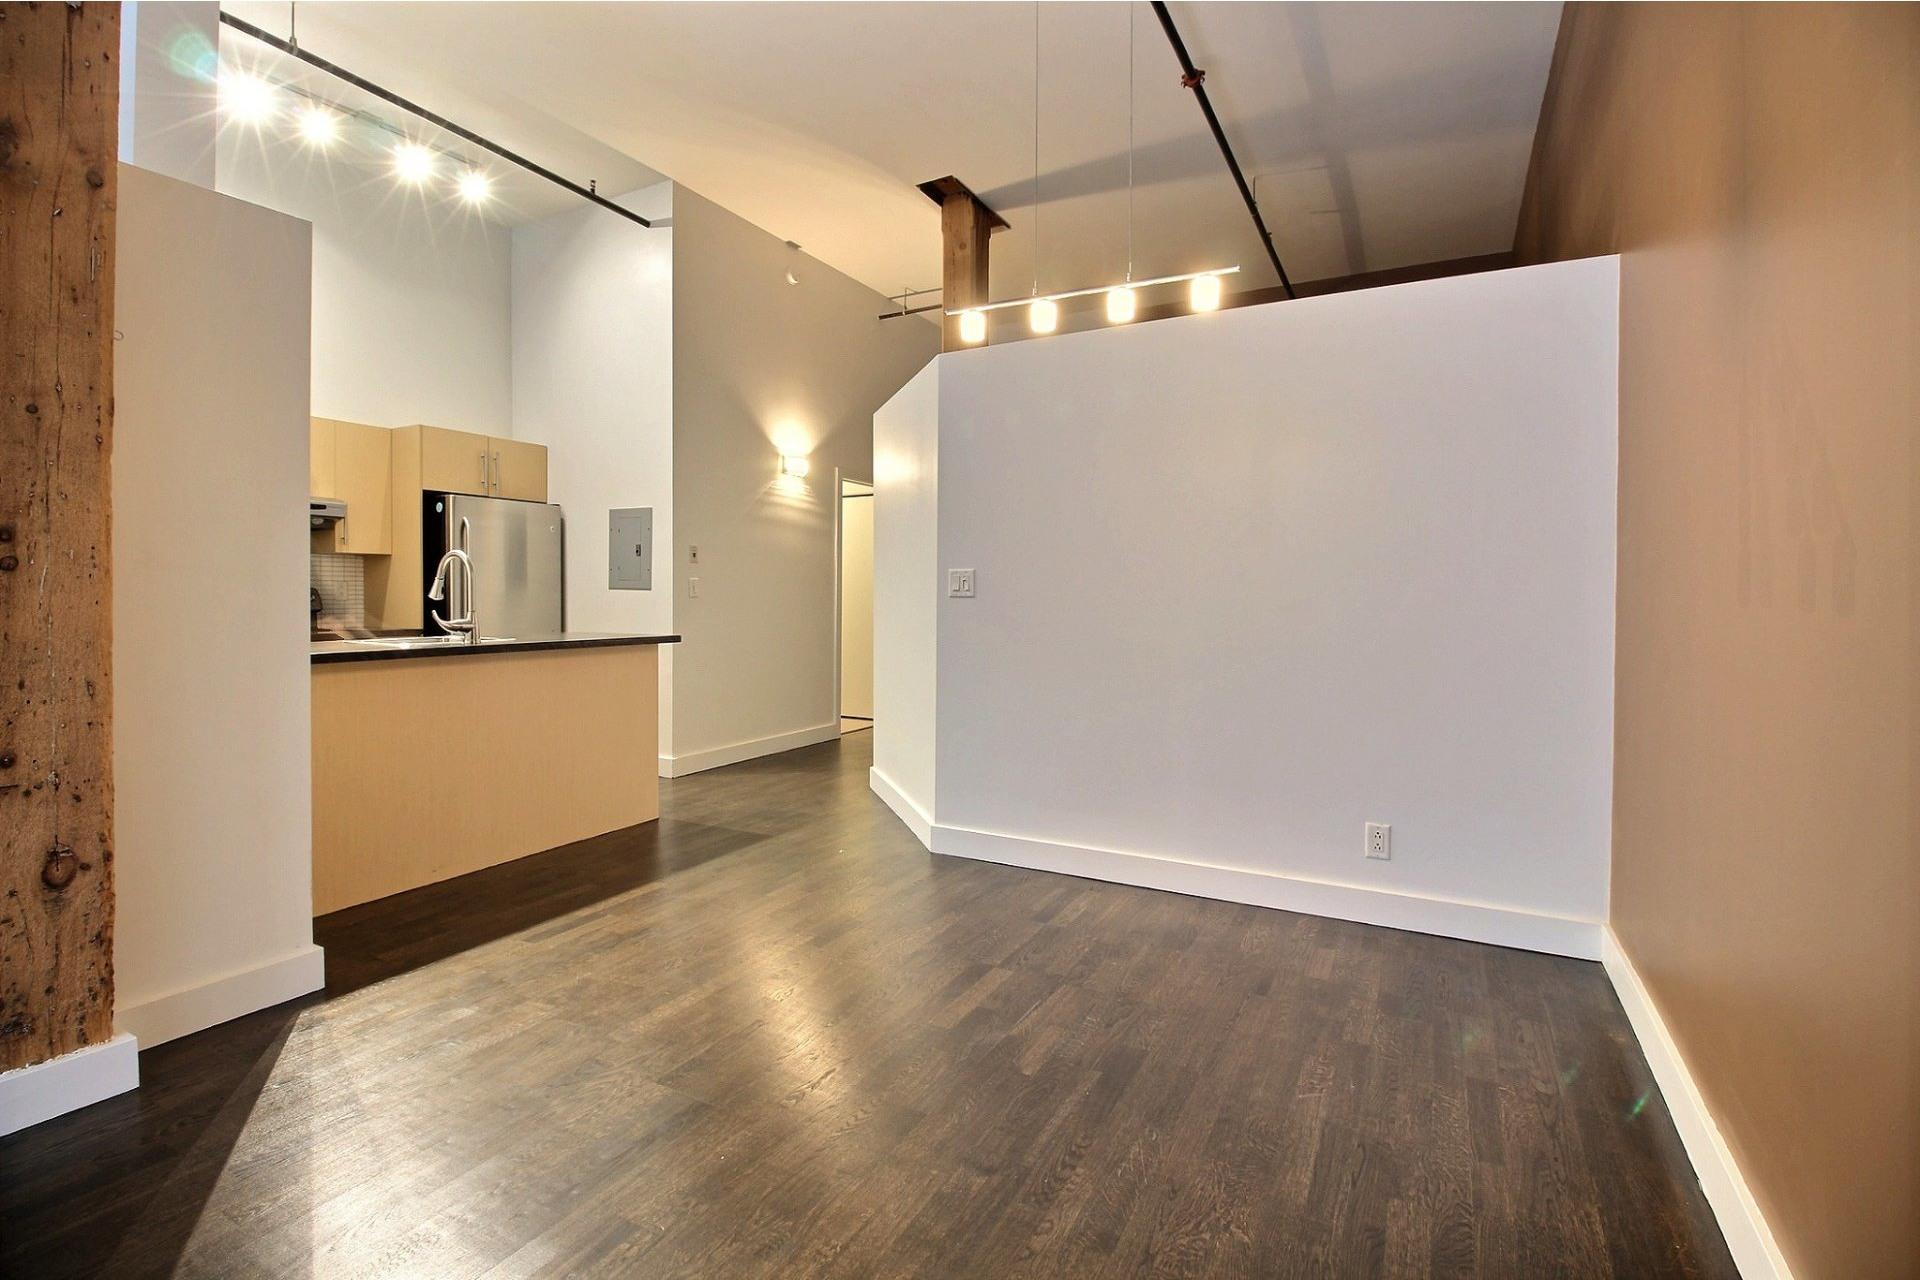 image 8 - Appartement À louer Mercier/Hochelaga-Maisonneuve Montréal  - 6 pièces